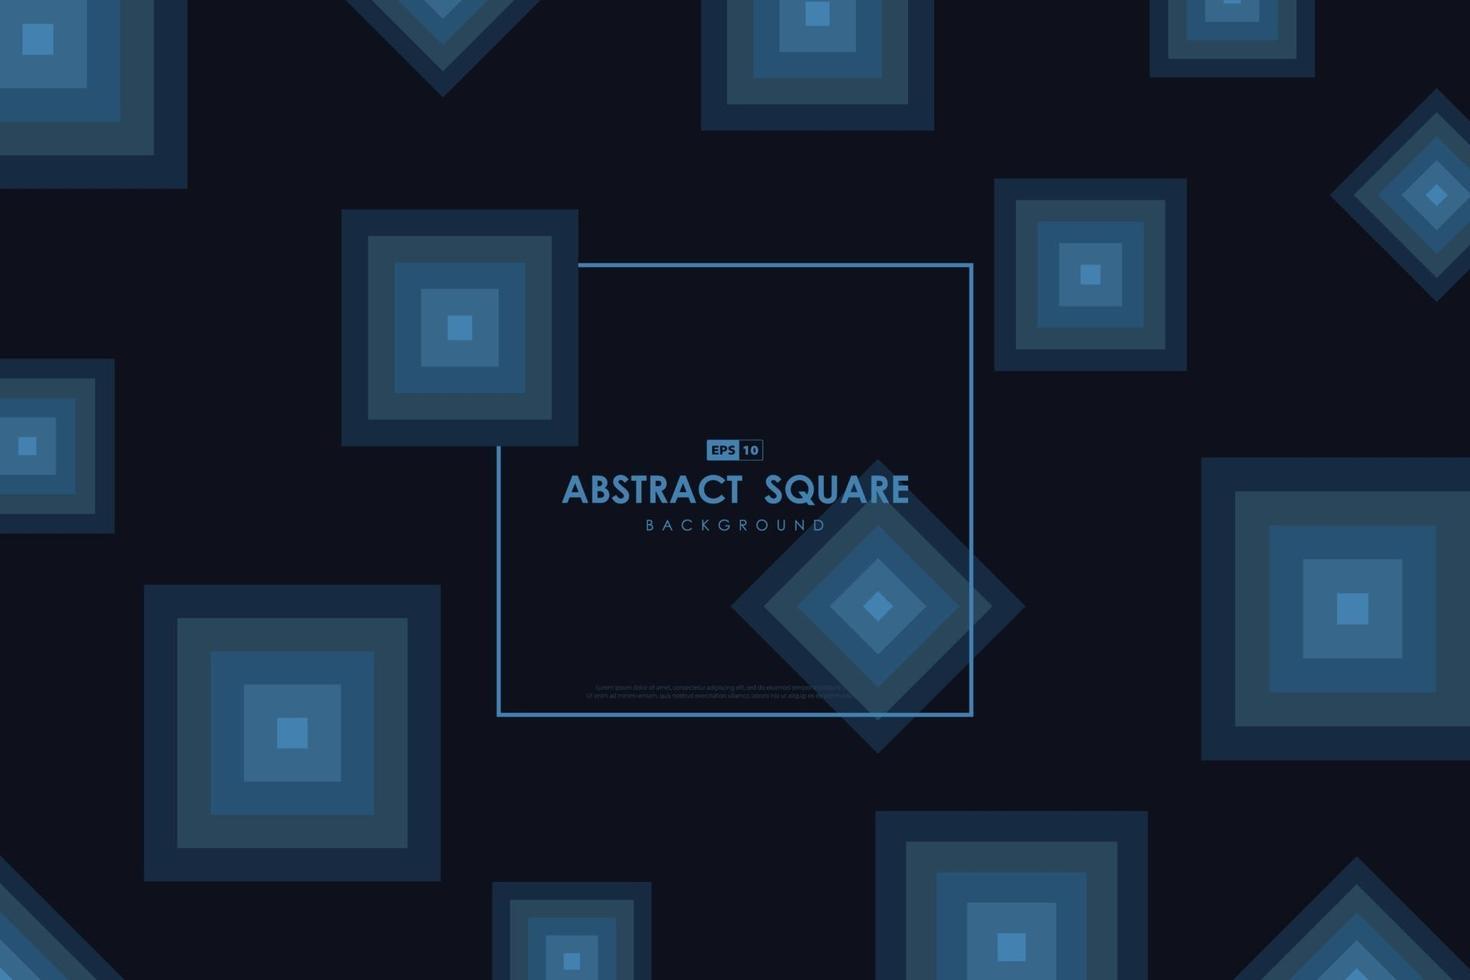 abstrait bleu motif carré minimaliste fond de conception affiche oeuvre. illustration vectorielle eps10 vecteur